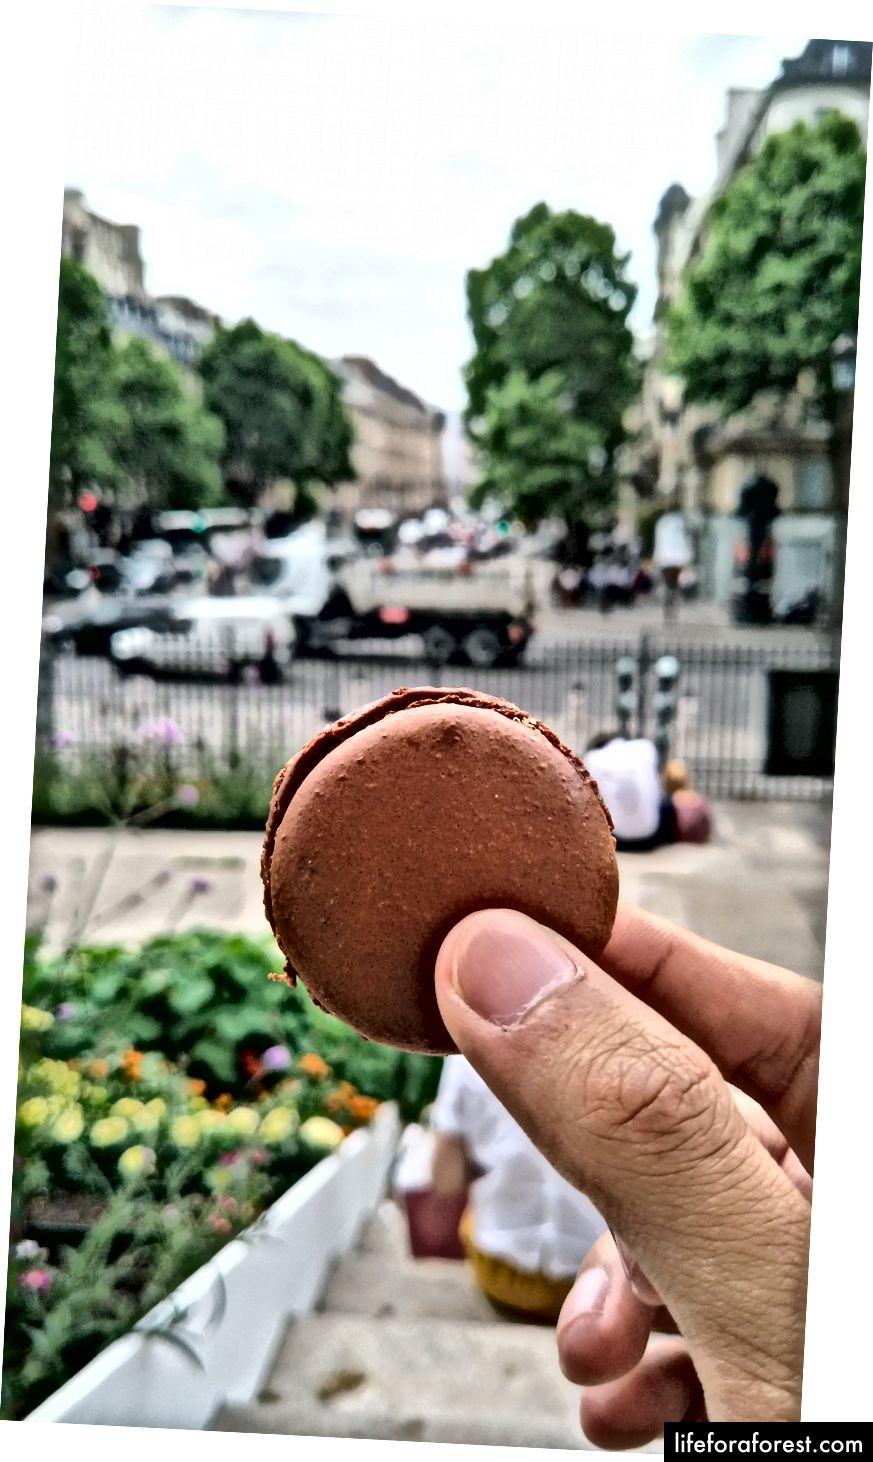 Jeg prøvde. Matbilder er ikke min spesialitet. Macarons koster som 90 øre, slik at du kan kjøpe noen og ta et Instagram-verdig skudd i Paris.